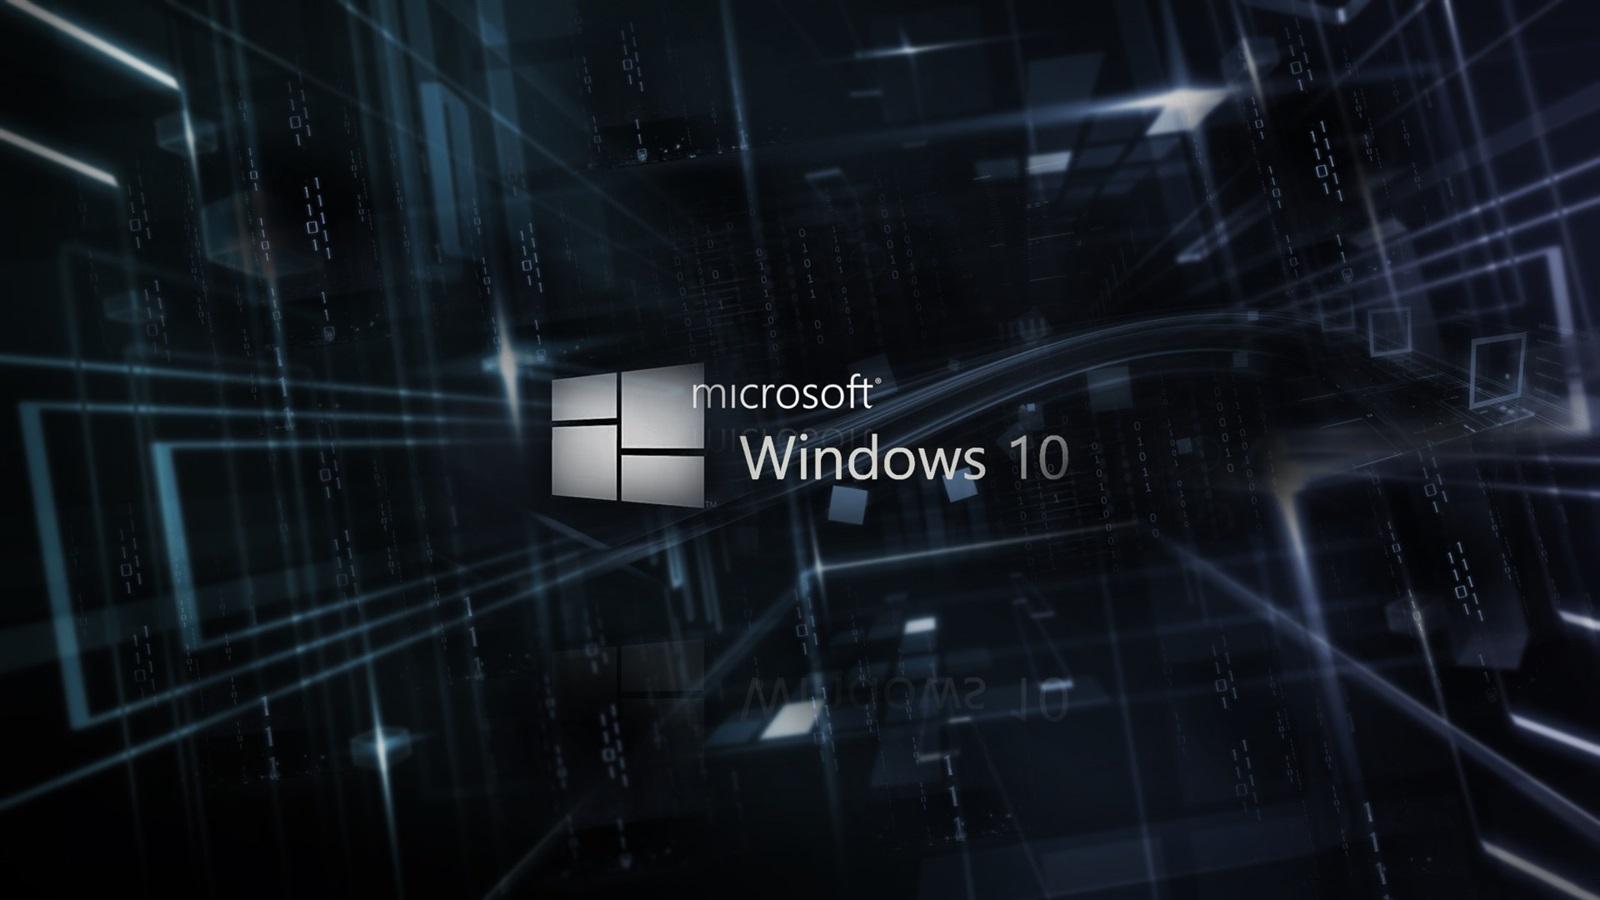 壁紙 Microsoft Windowsの10ロゴ 3d背景 19x1080 Full Hd 2k 無料のデスクトップの背景 画像